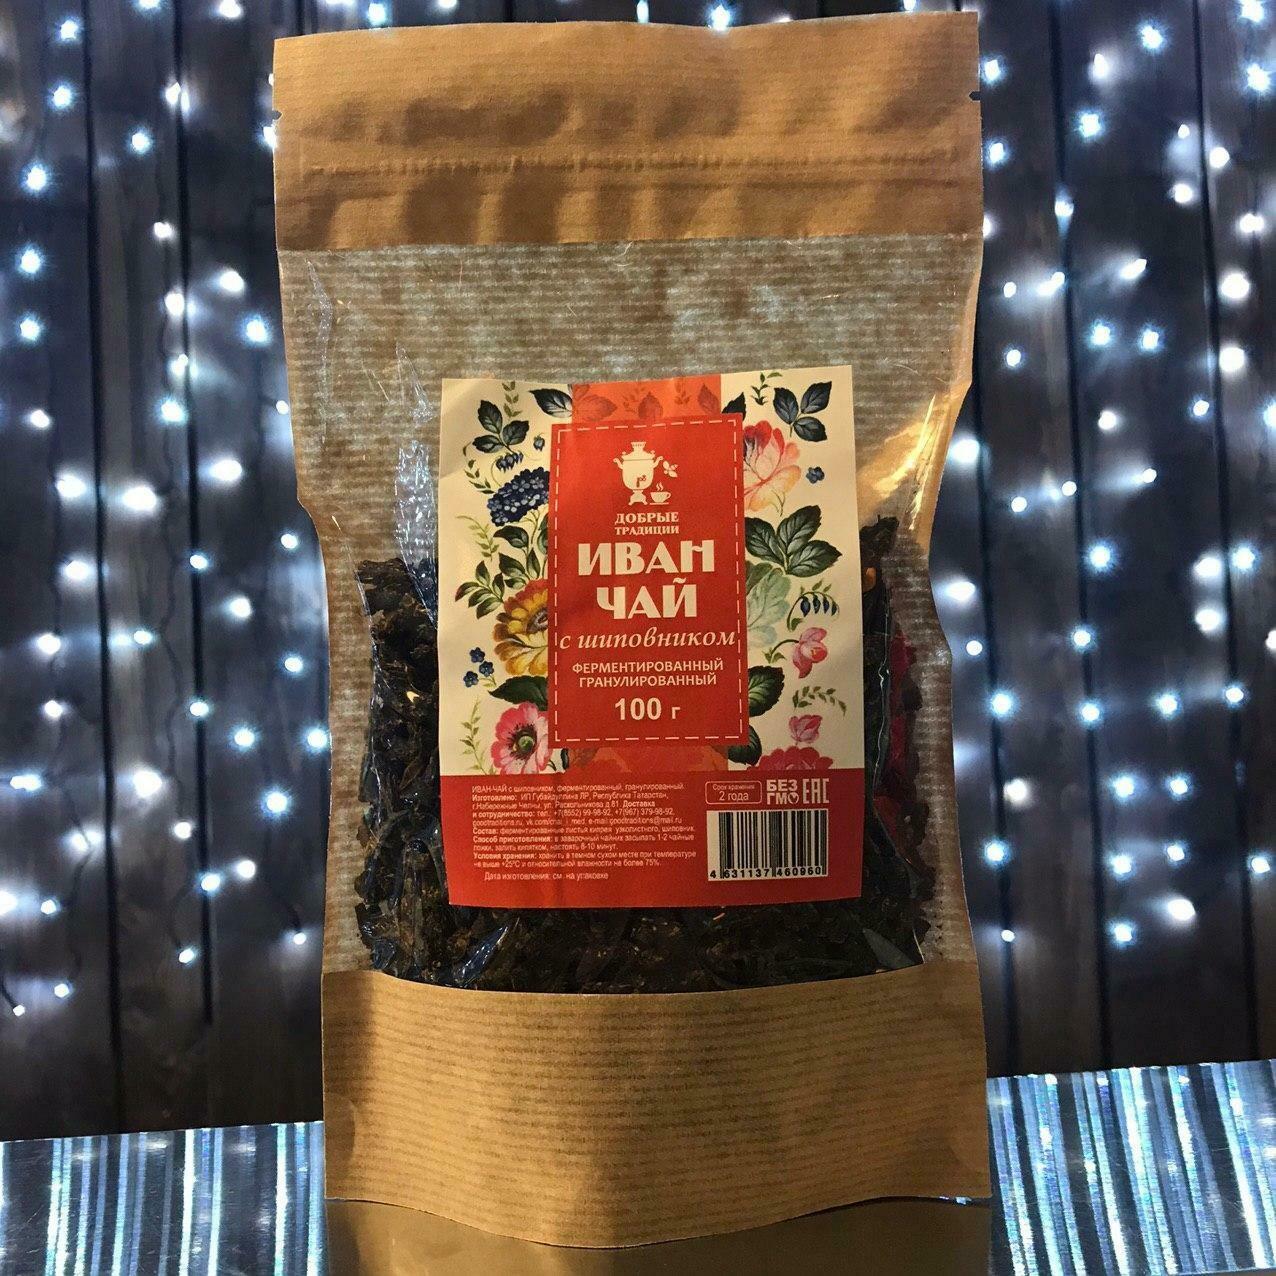 Иван-чай с шиповником гранулированный 100 гр